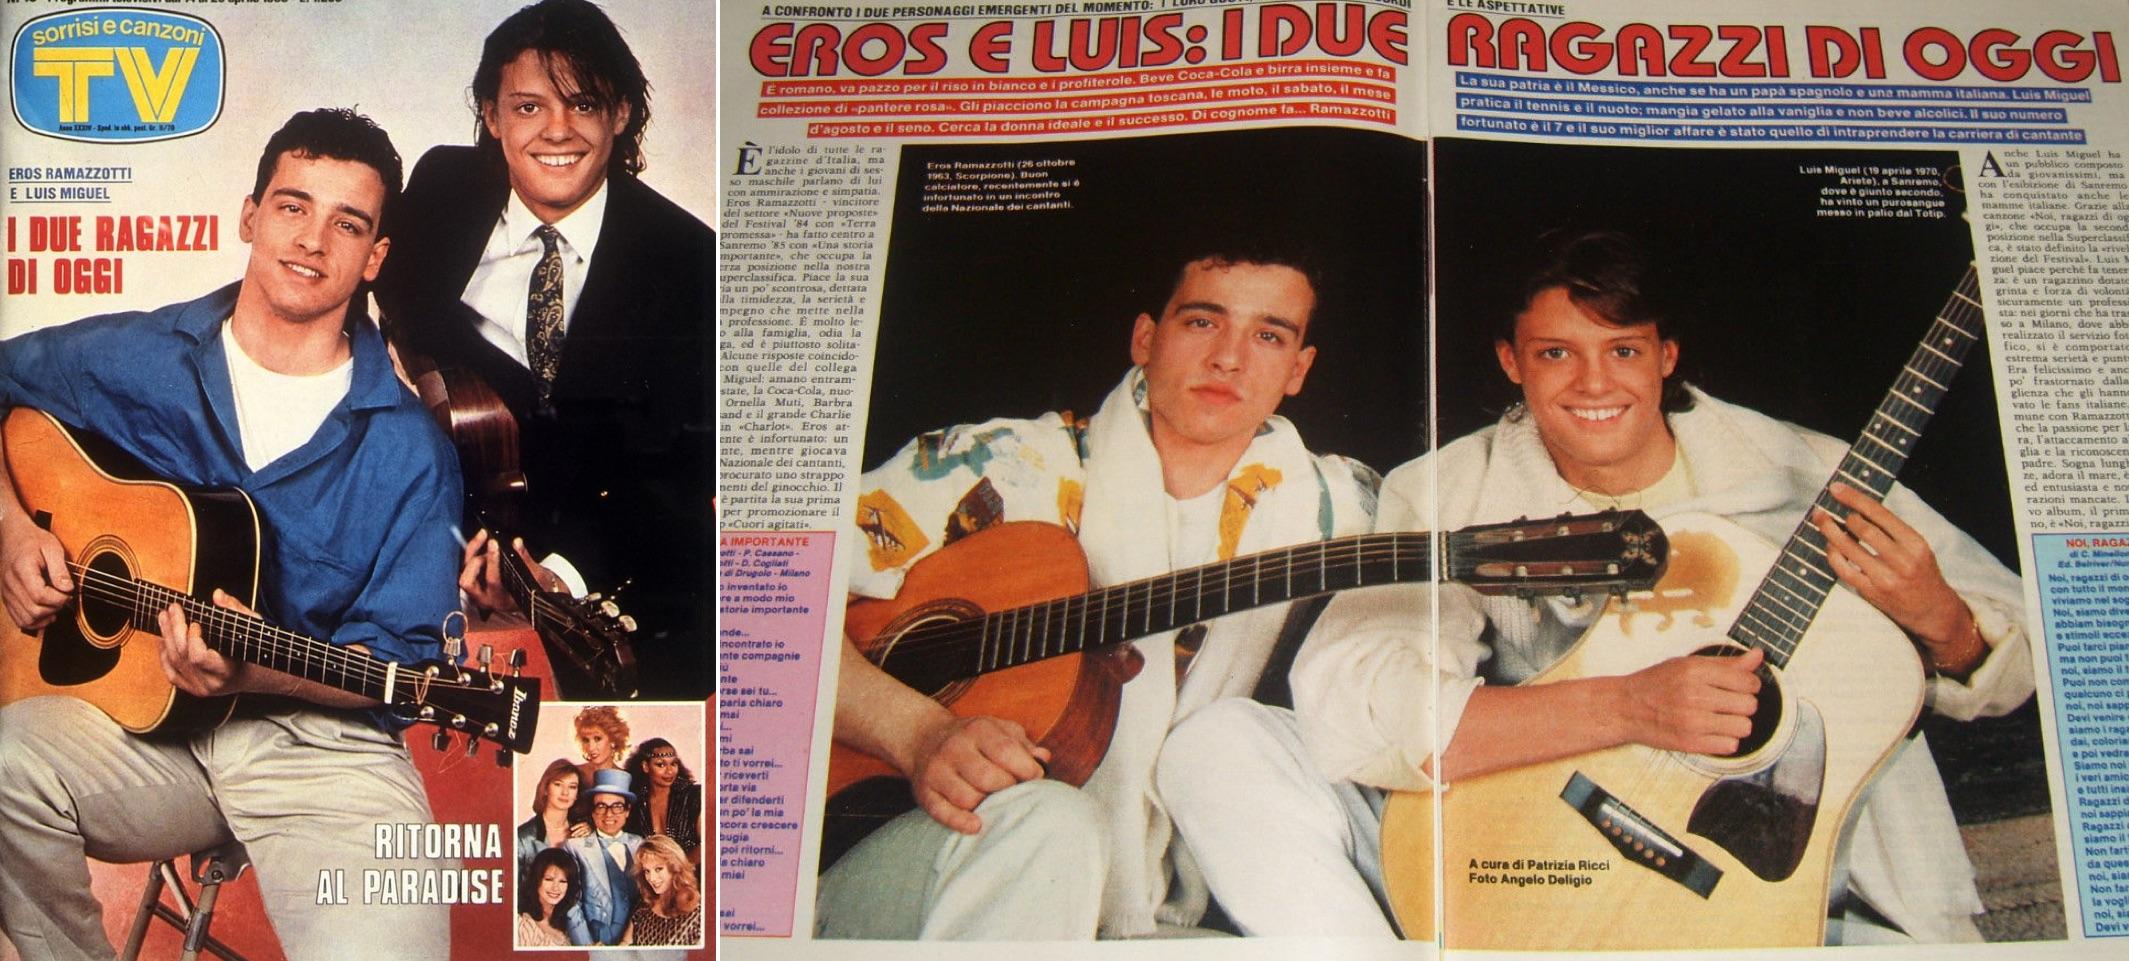 """Luis Miguel y Eros Ramazzotti en la revista """"TV Sorrisi e Canzoni"""". El titular dice: """"Los dos muchachos de hoy"""". (LuisMiguelSite.com)"""